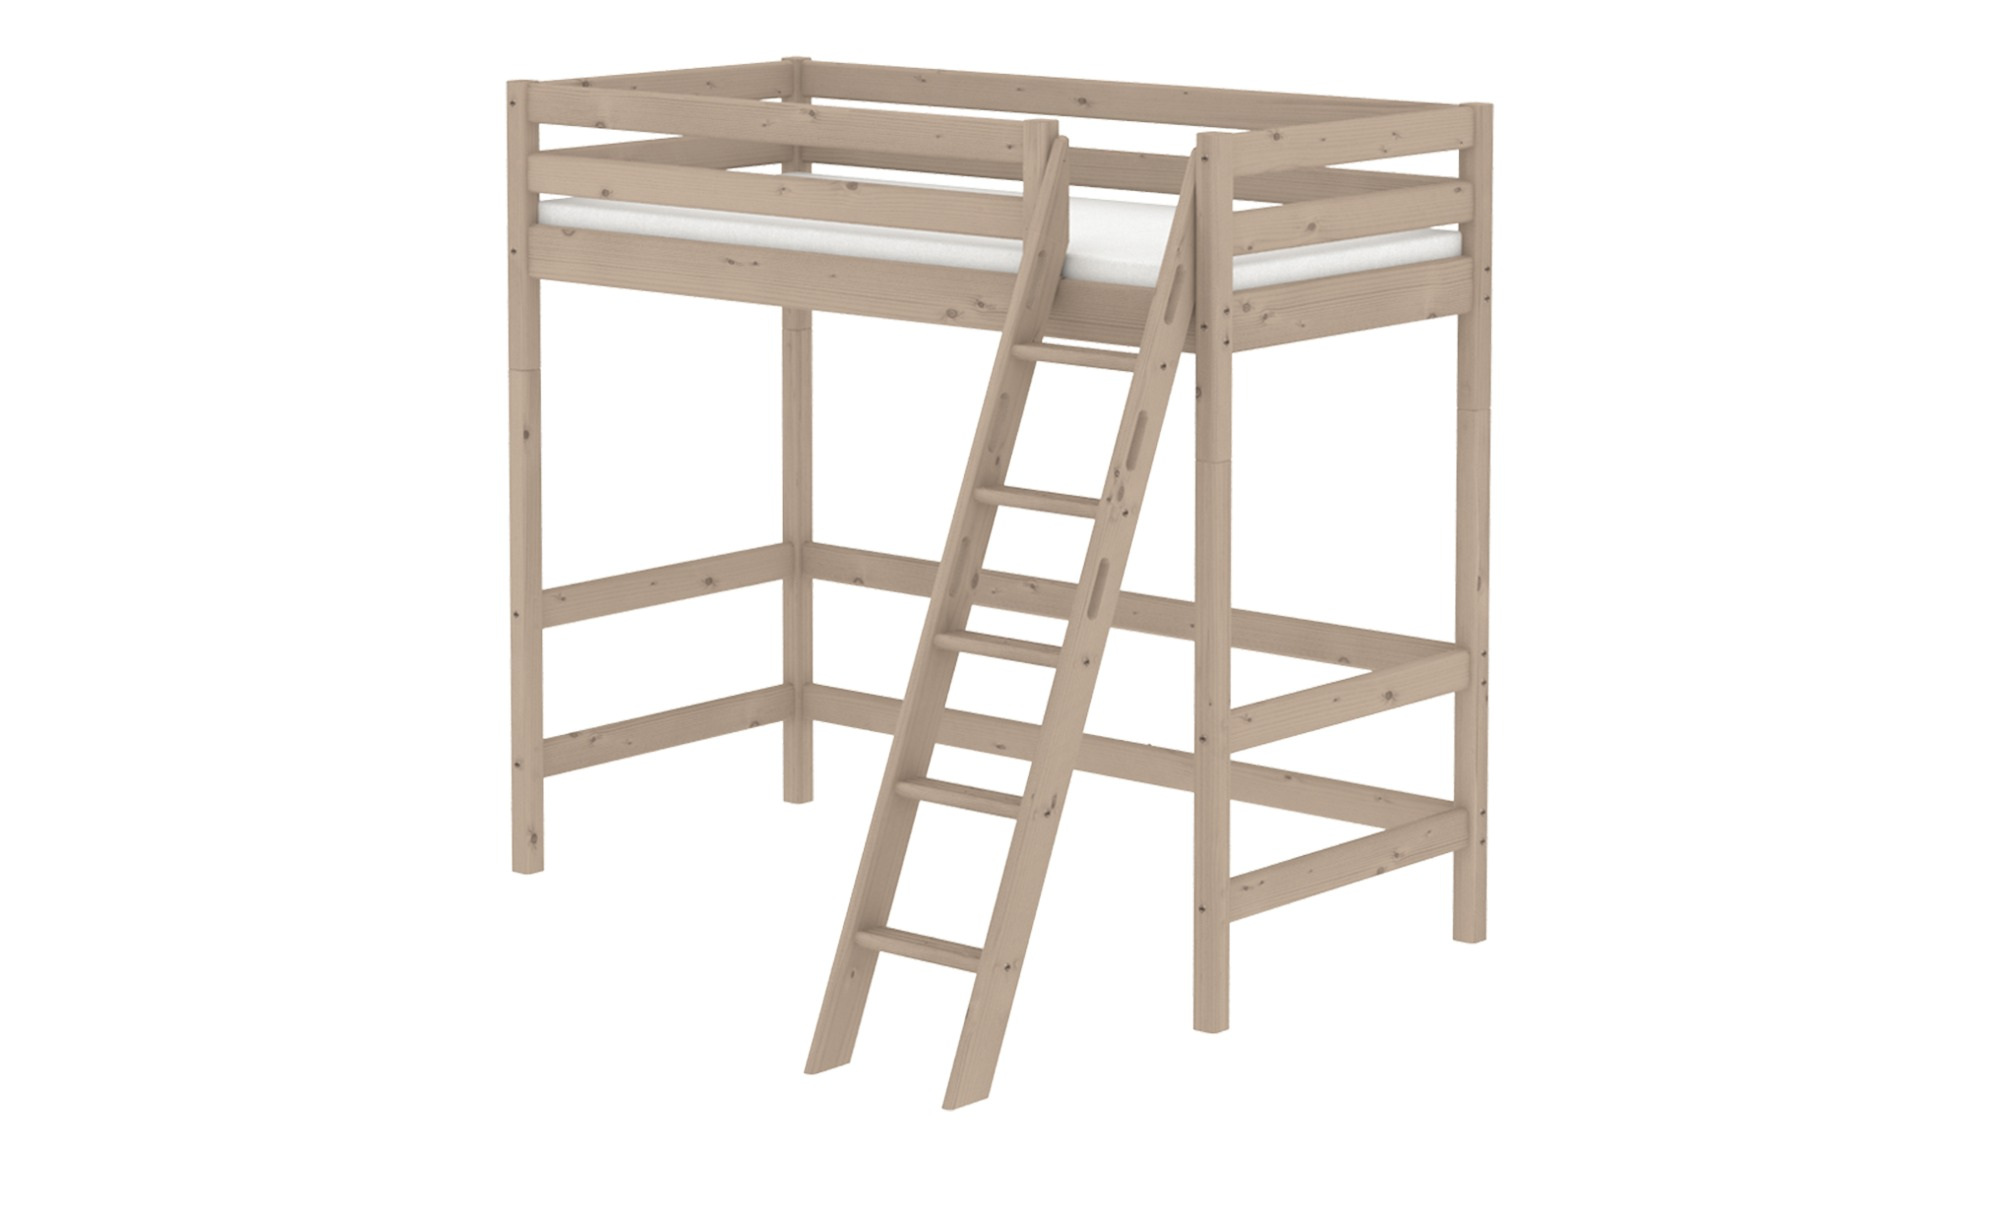 FLEXA Hochbett  Flexa Classic - holzfarben - 179 cm - 185 cm - Kindermöbel ></noscript> Kinderbetten > Hochbetten - Möbel Kraft